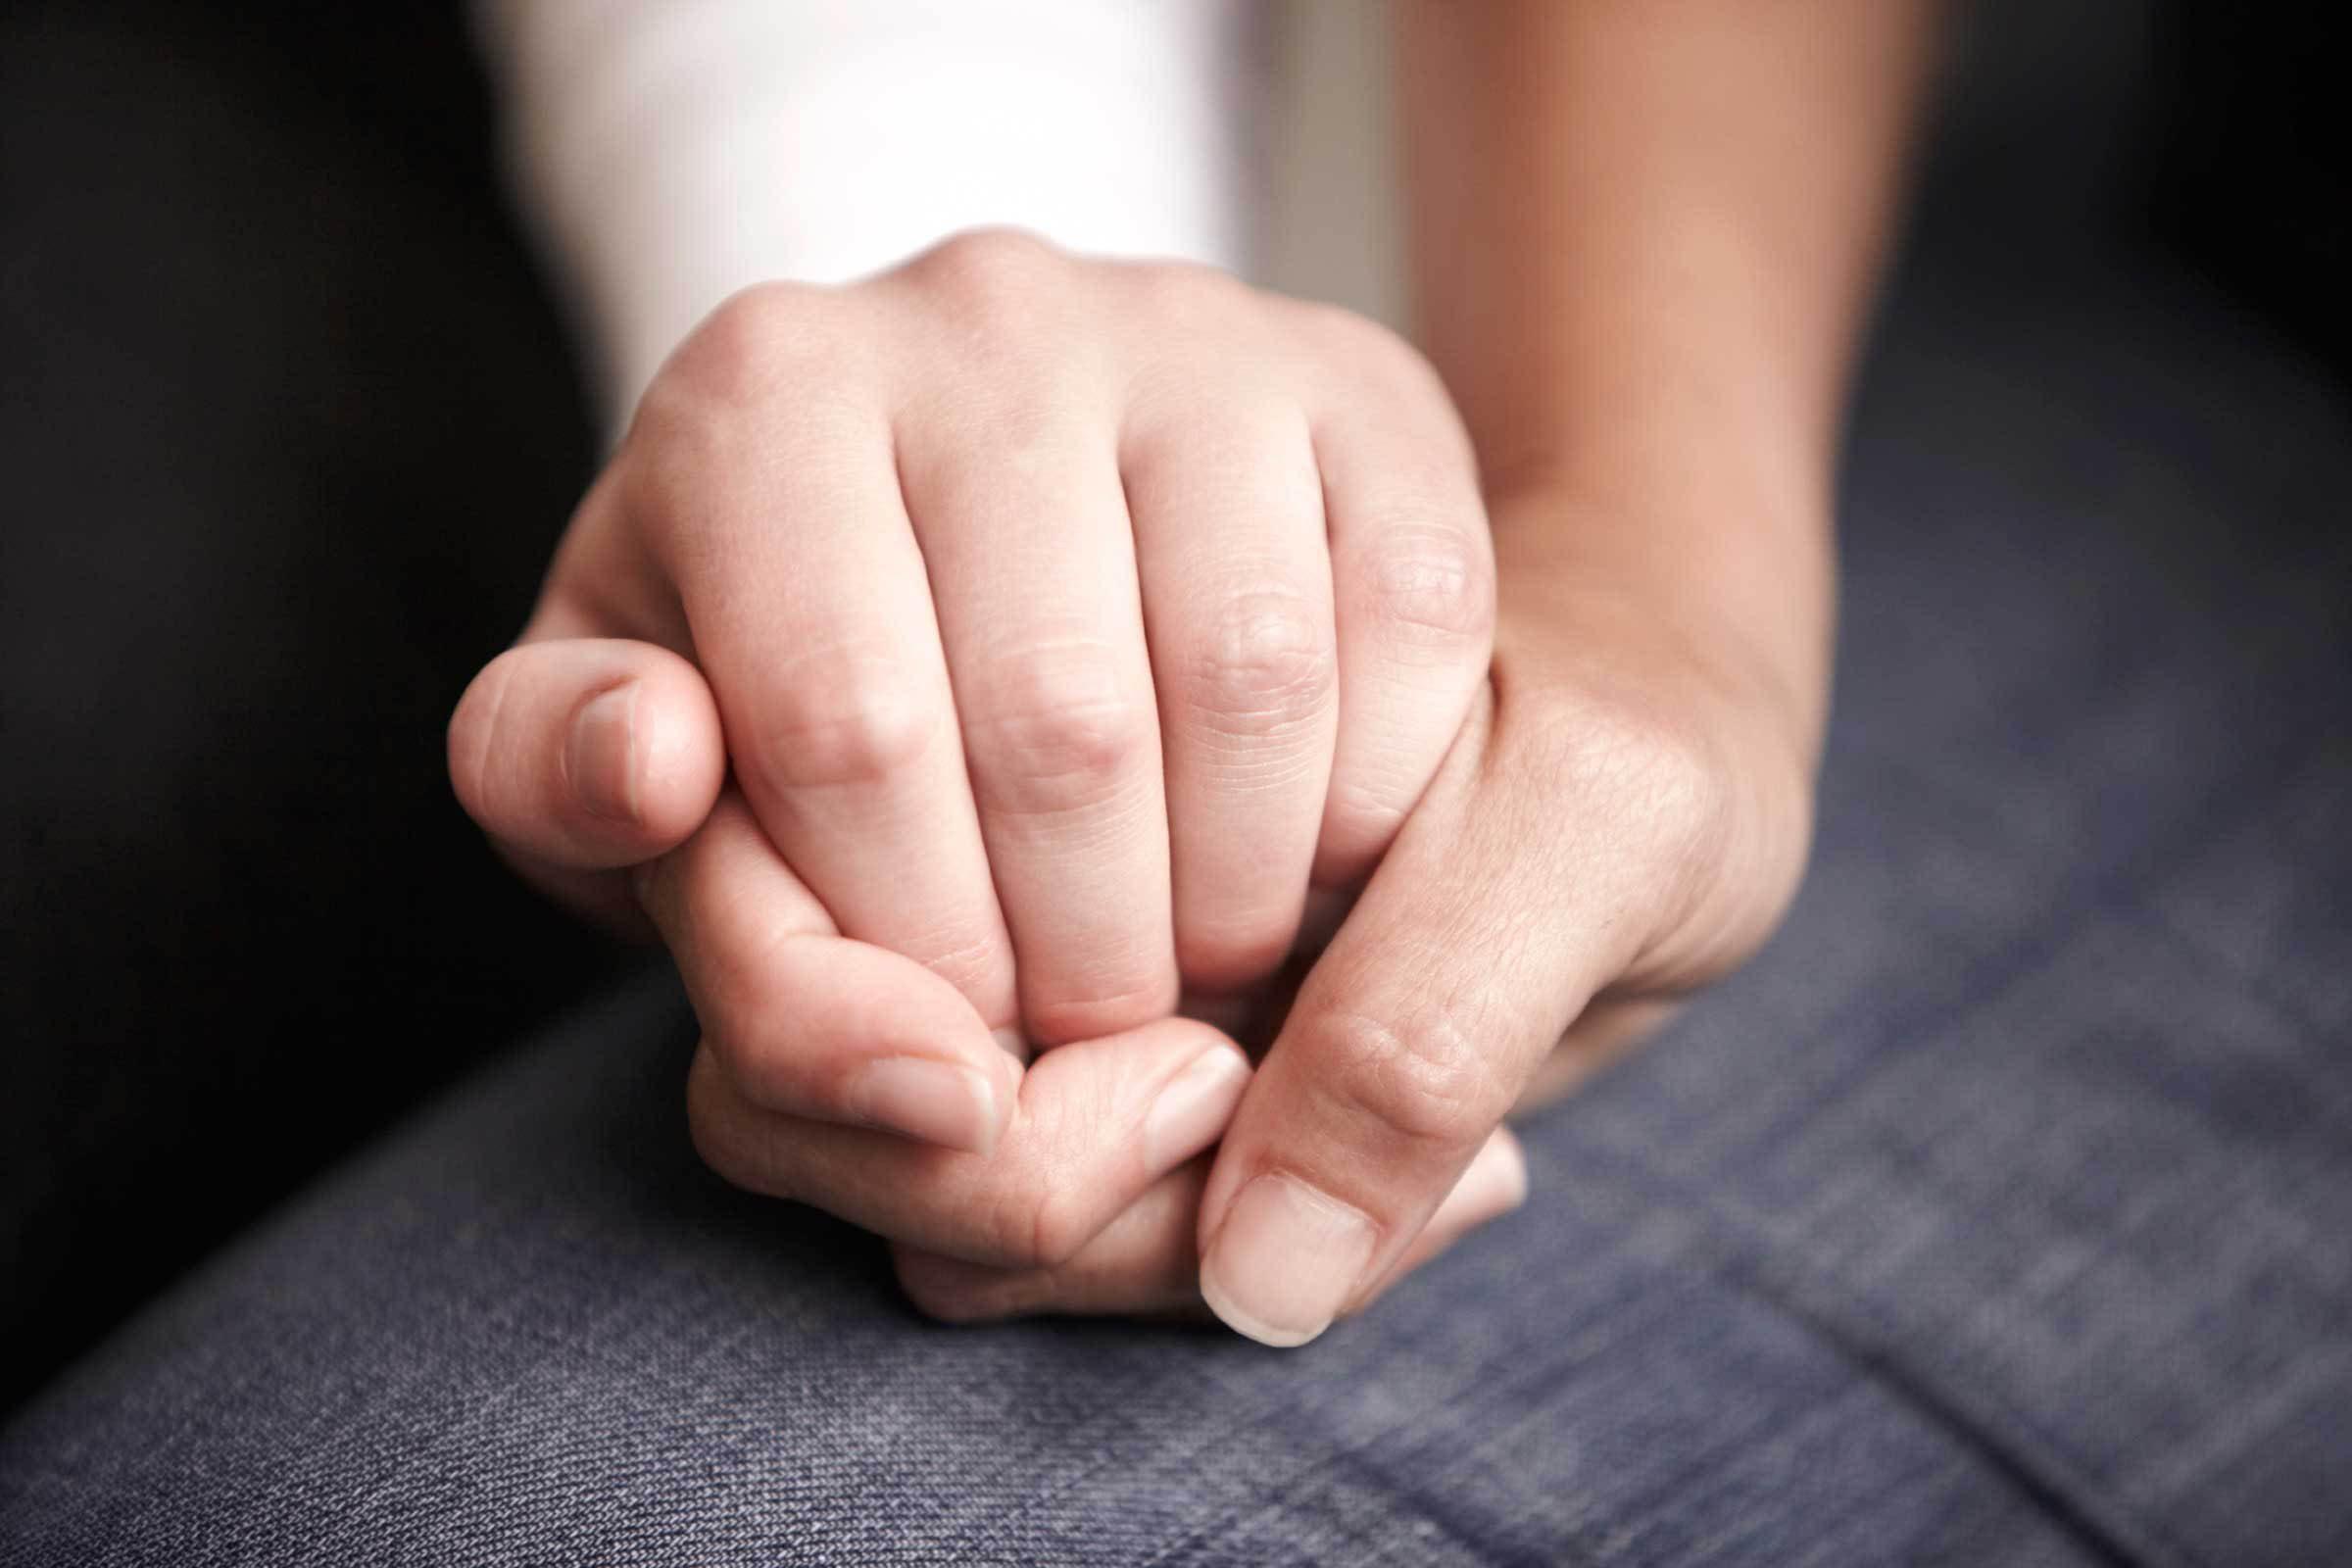 Il existe différentes façons de pardonner.